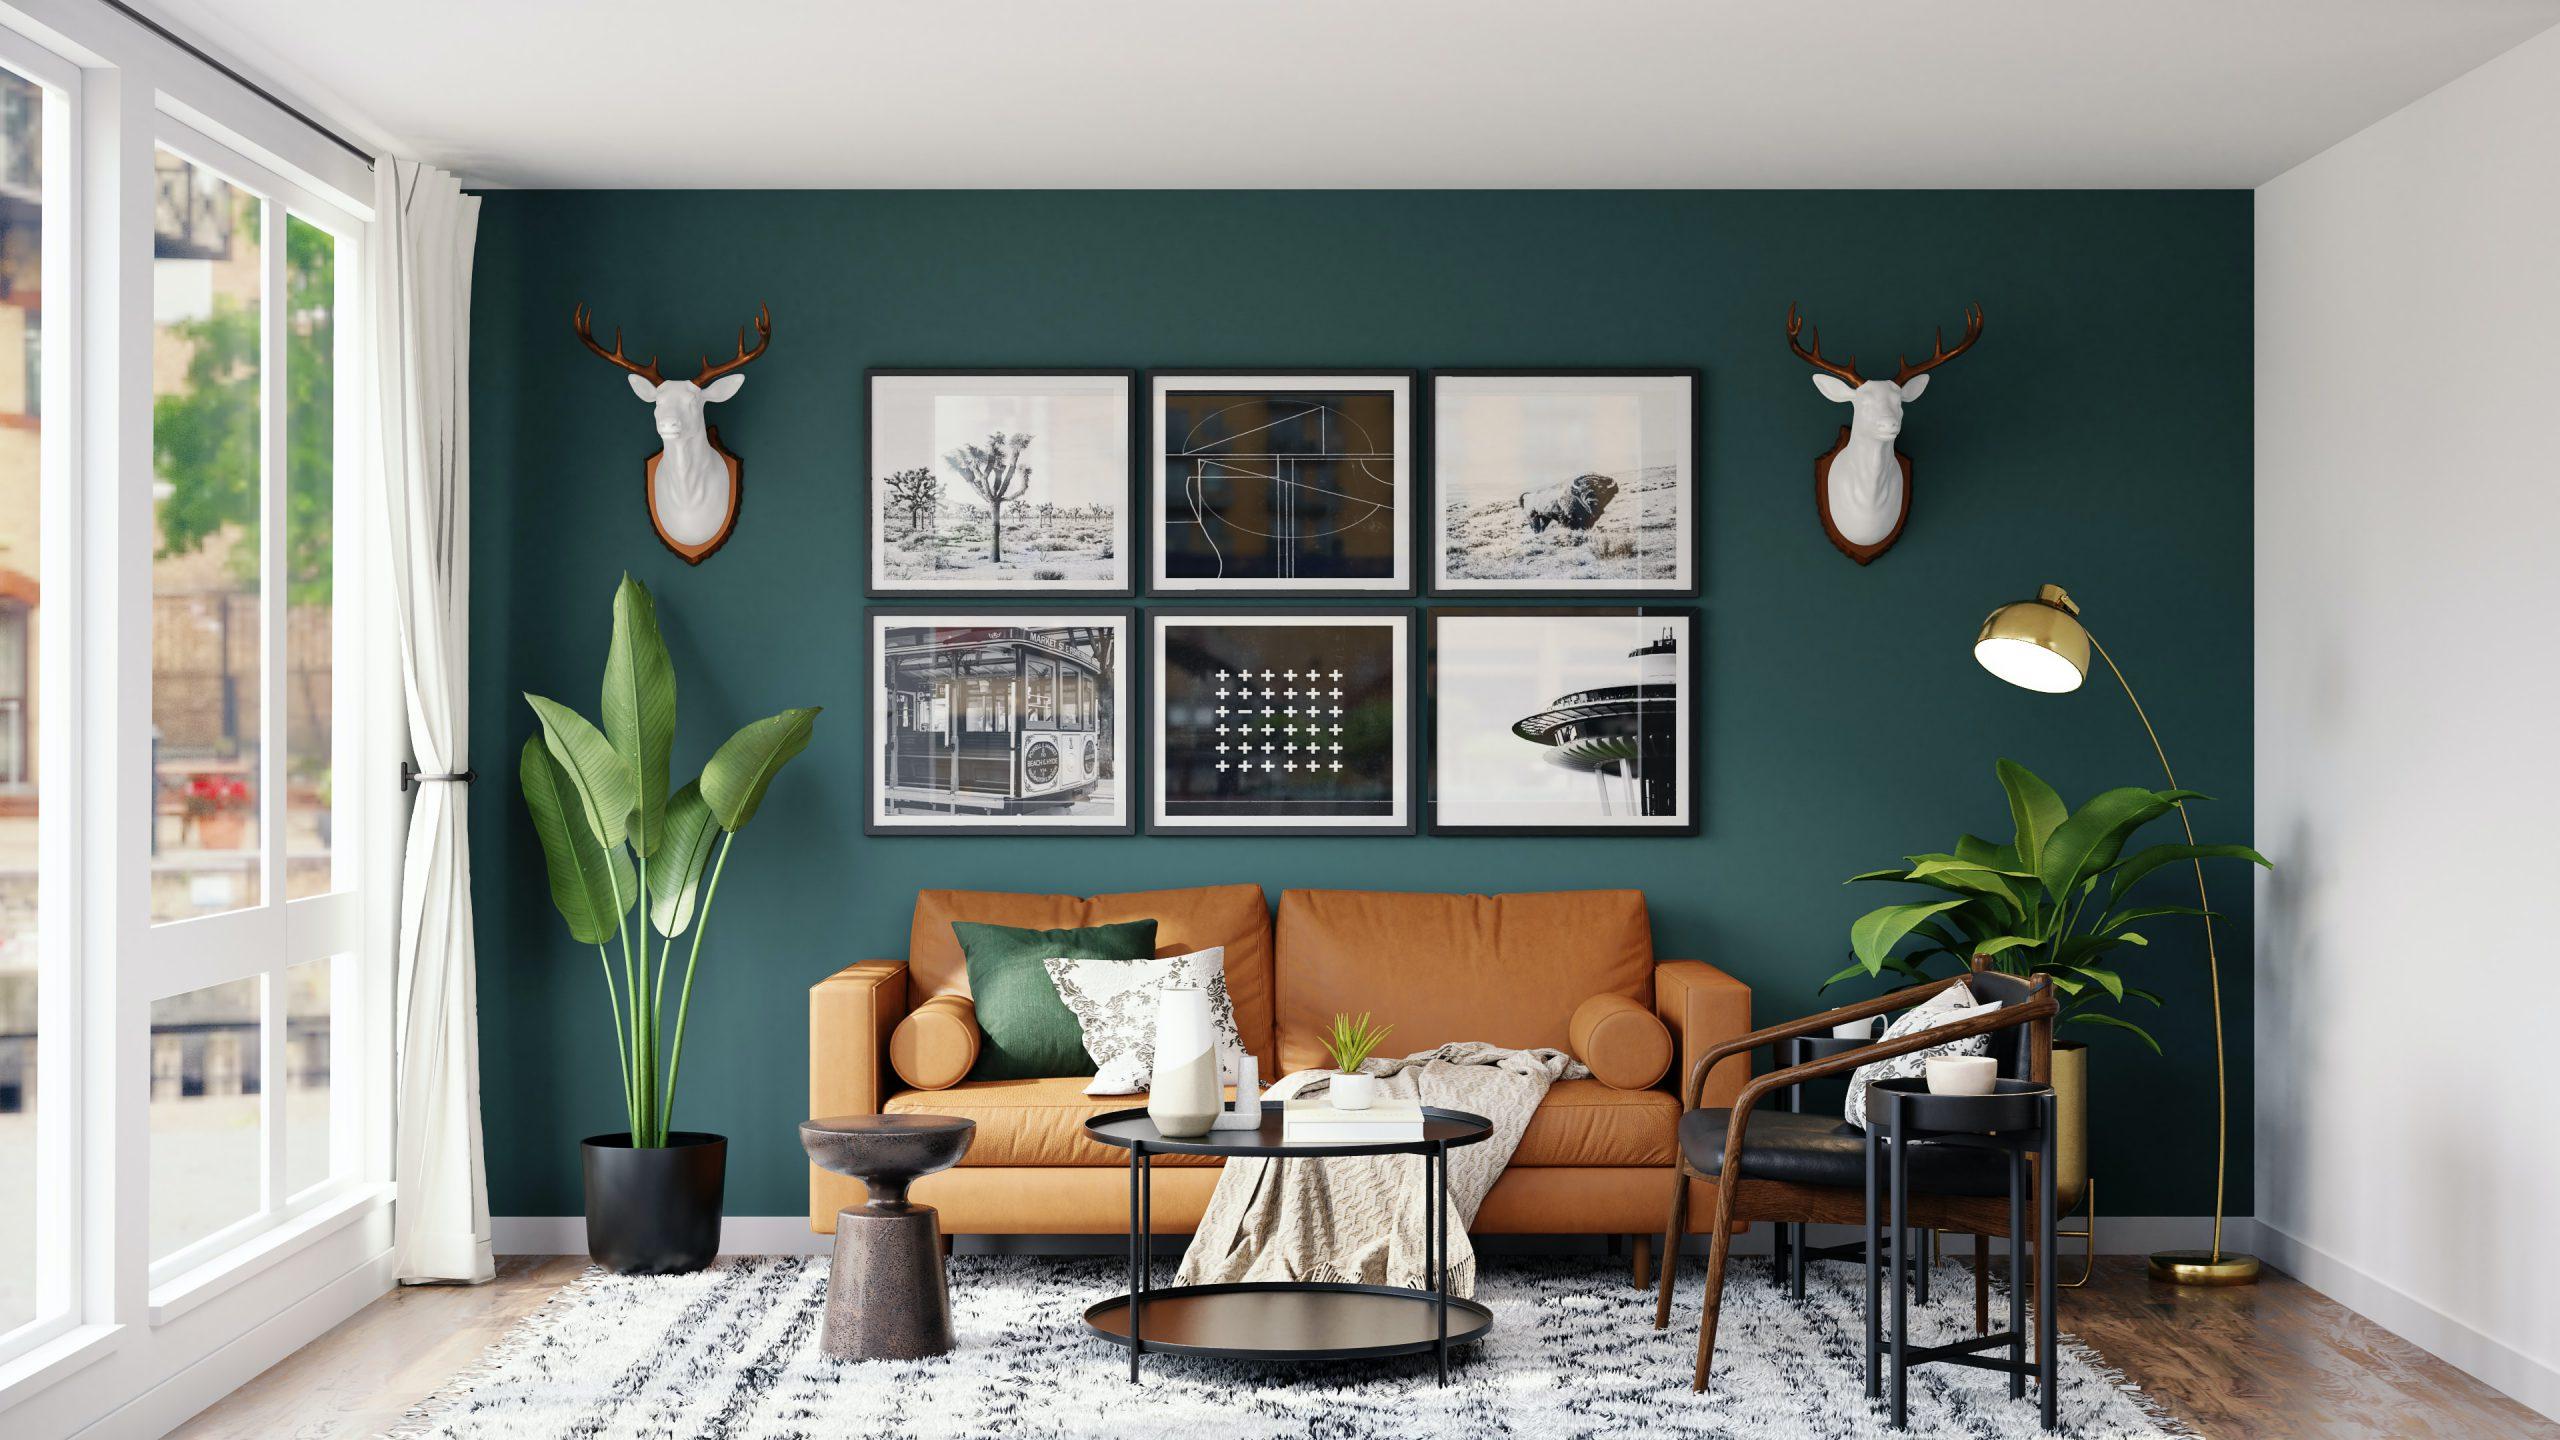 Jak urządzić się w nowym mieszkaniu? Skorzystaj z niezawodnych metod!